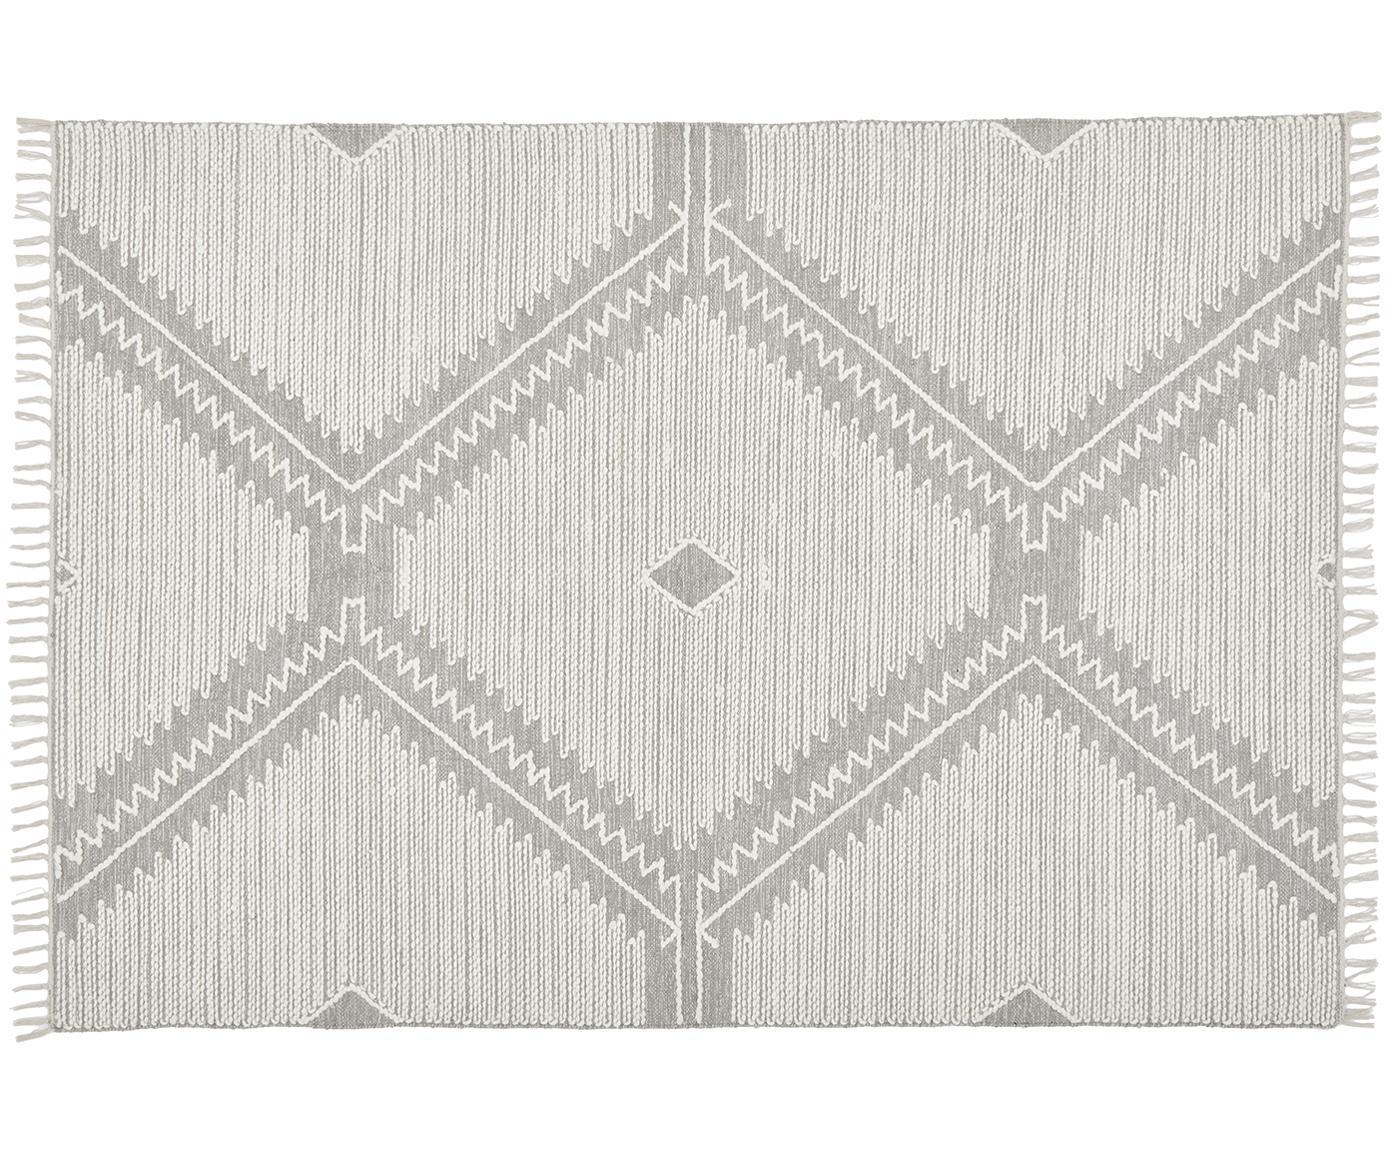 Handgewebter Teppich Karola mit Hoch-Tief-Struktur, Grau, Cremeweiss, B 160 x L 230 cm (Grösse M)